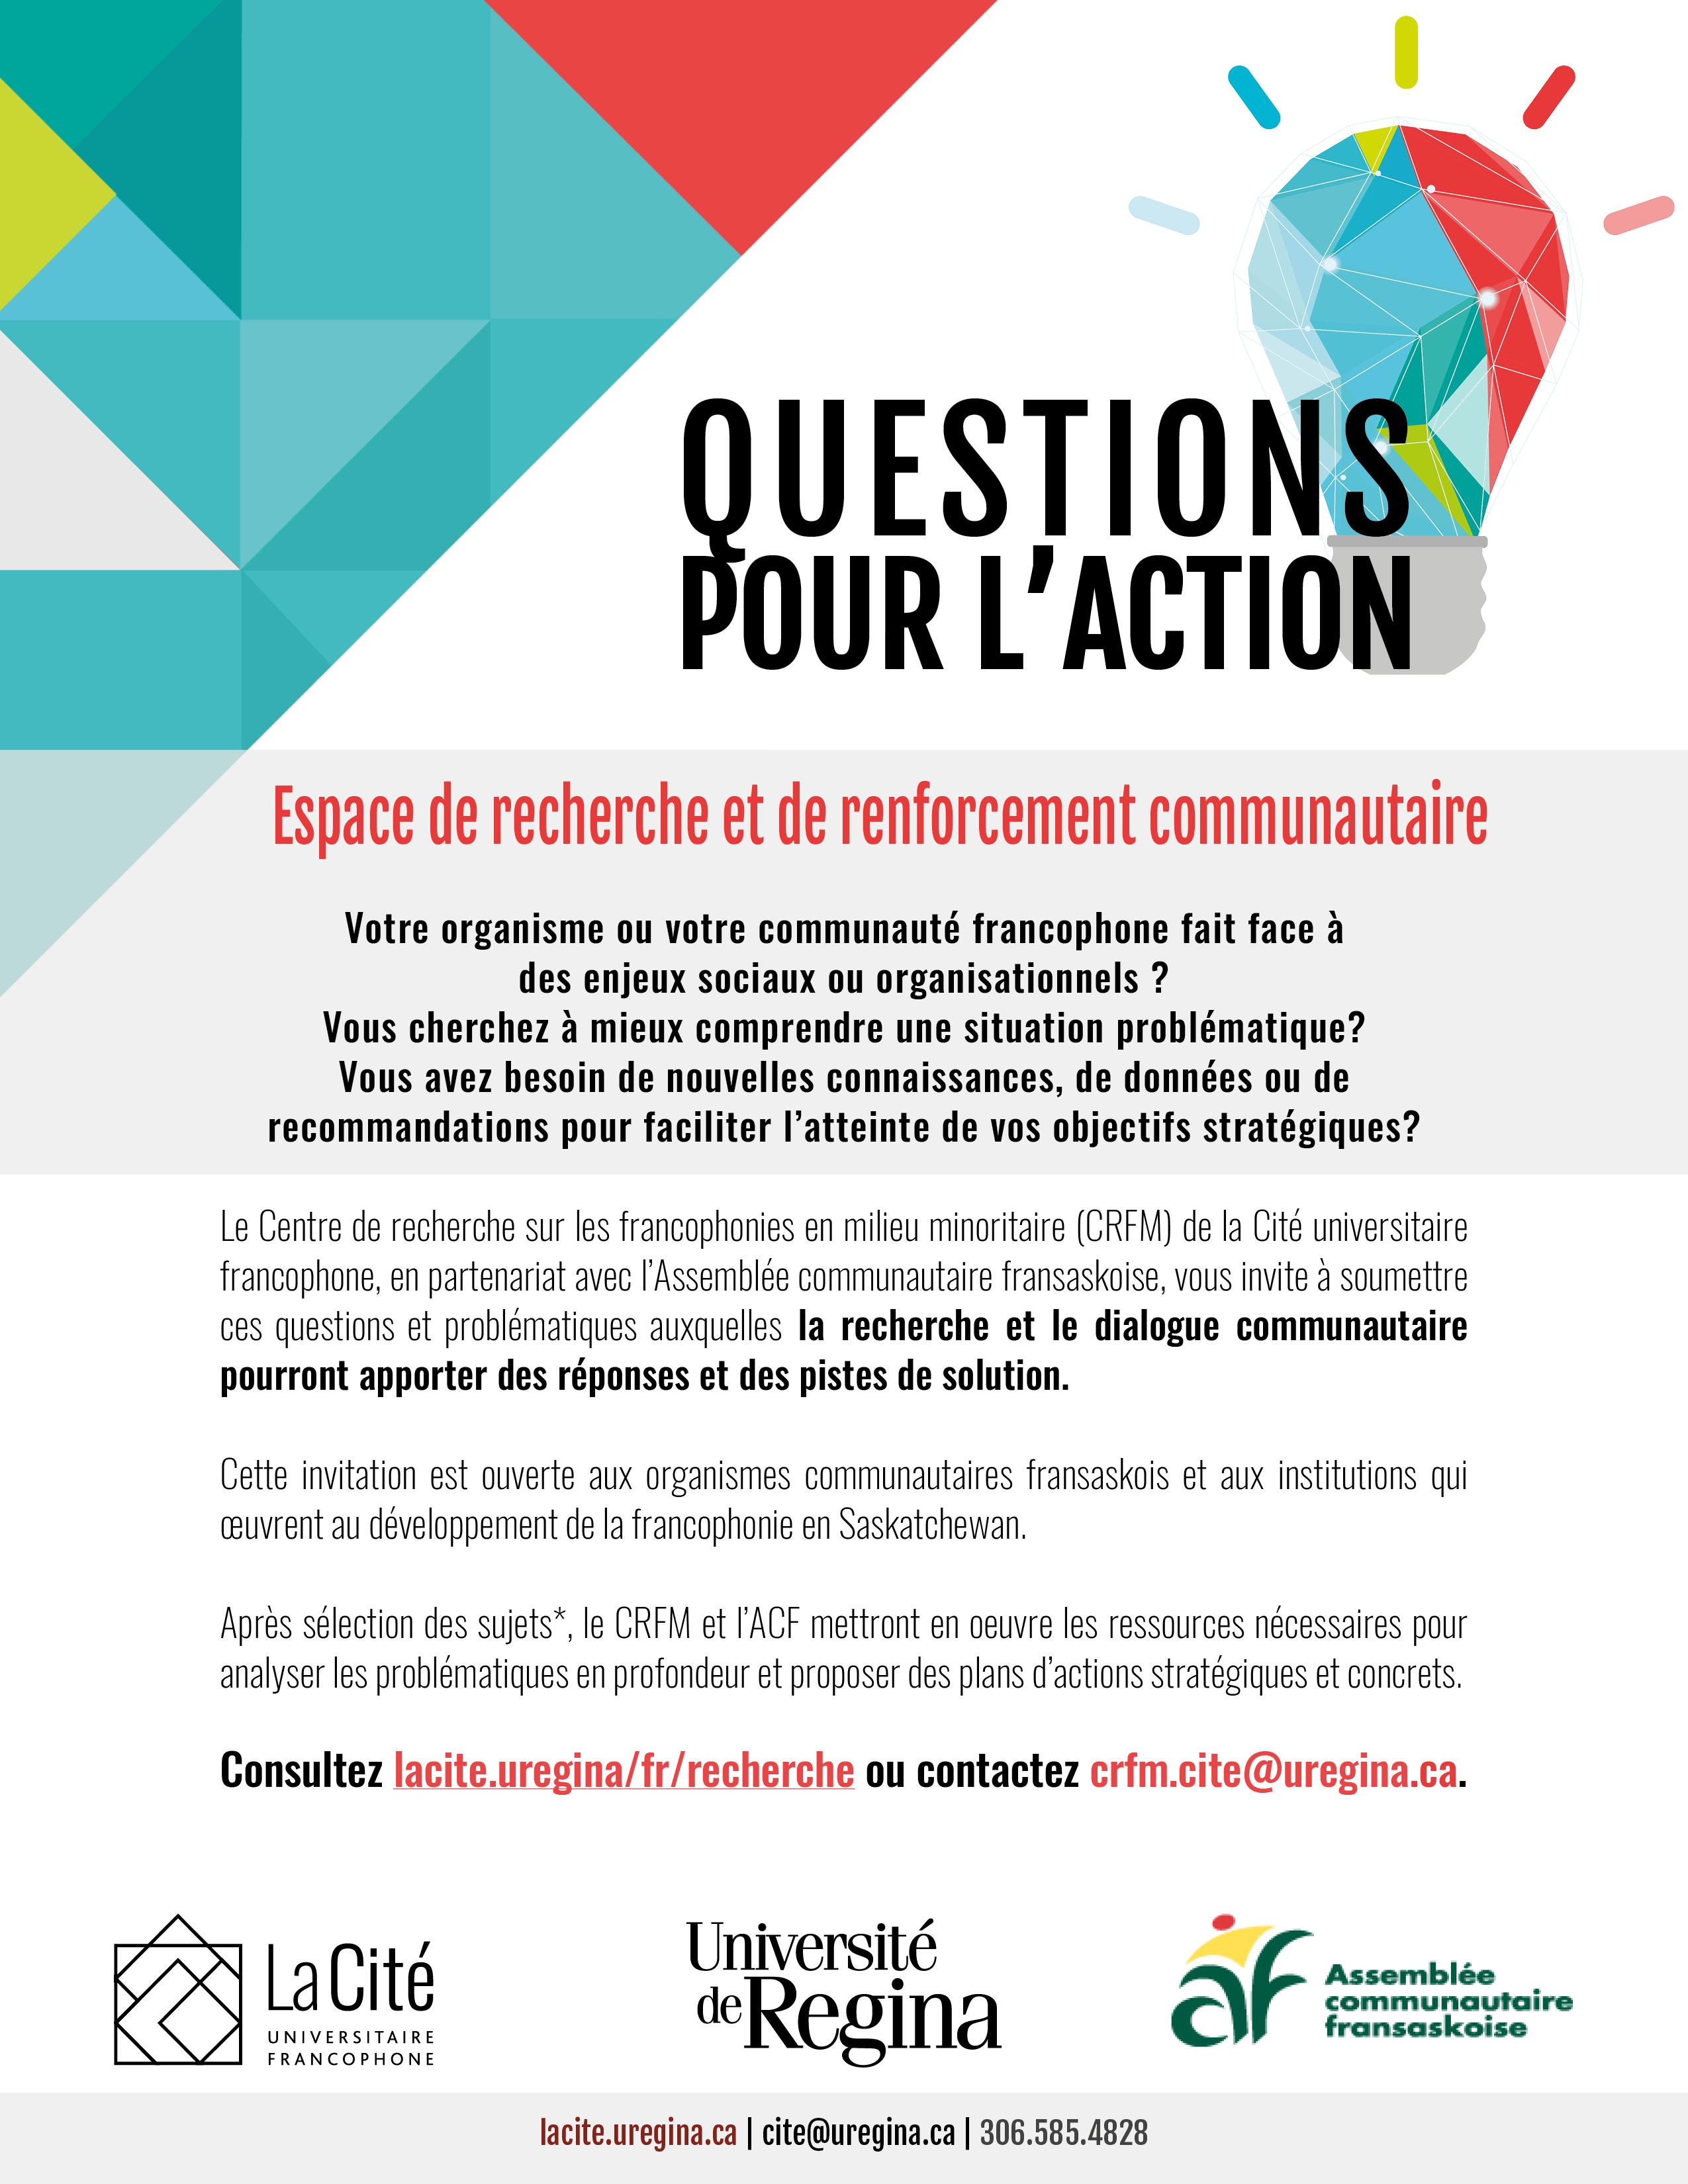 la cit eacute questions pour l action program questions pour l action 2017 annonce